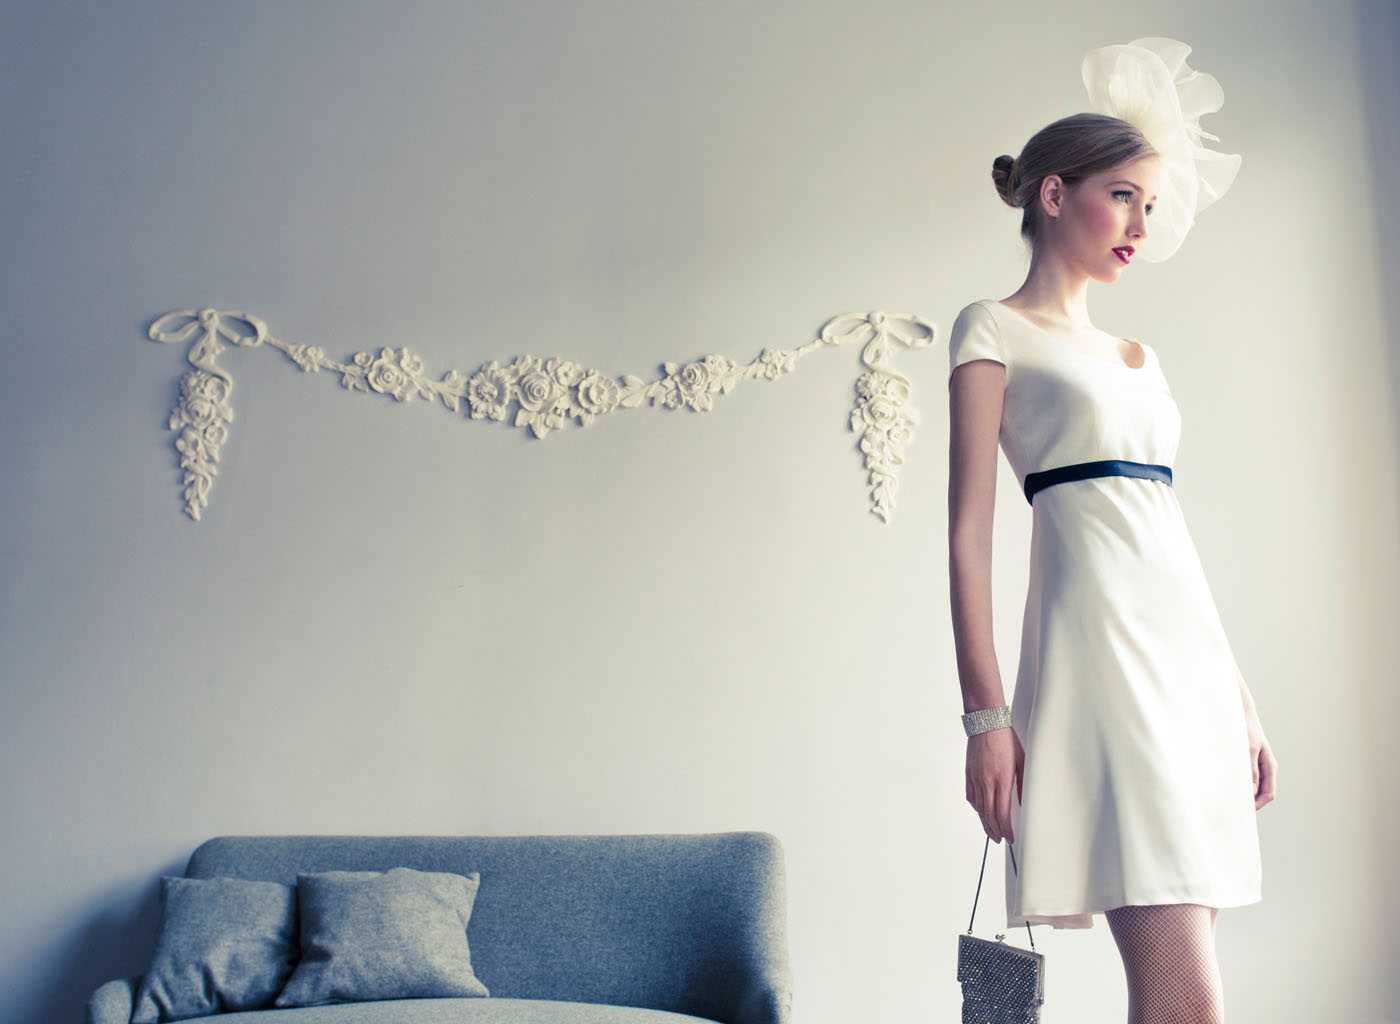 Kurzes Hochzeitskleid im Empire-Stil von Coco Lores